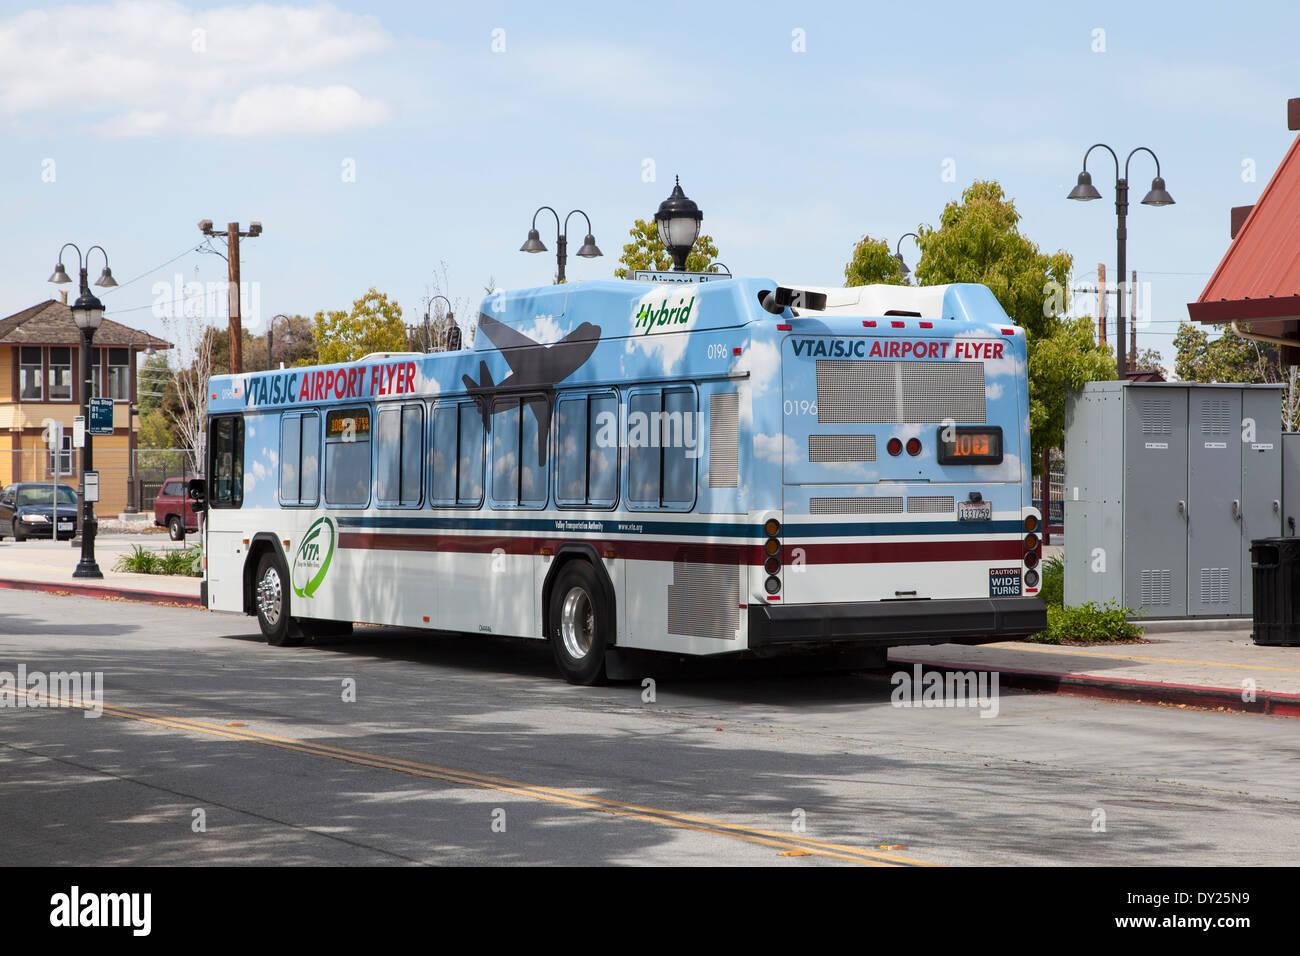 A VTA hybrid bus awaits passengers at the Cal Train Station in Santa Clara, CA. - Stock Image